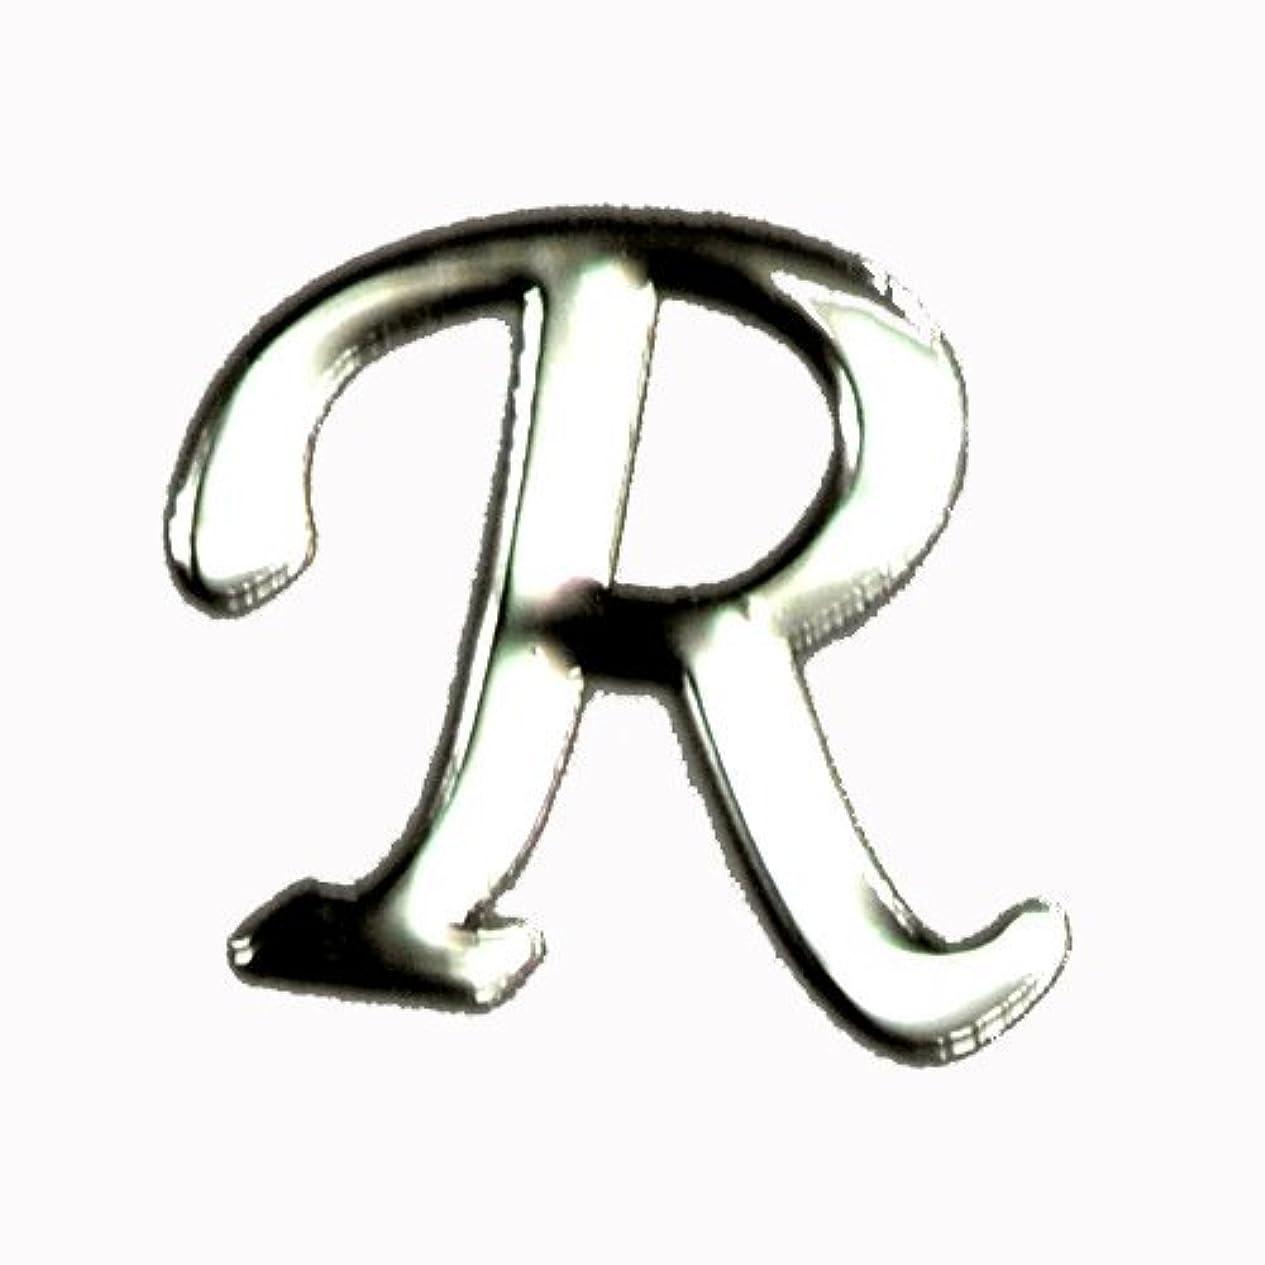 テレマコス保存する引き金アルファベット 薄型メタルパーツ 20枚 /片面仕上げ イニシャルパーツ SILVER (R / 5x6mm)